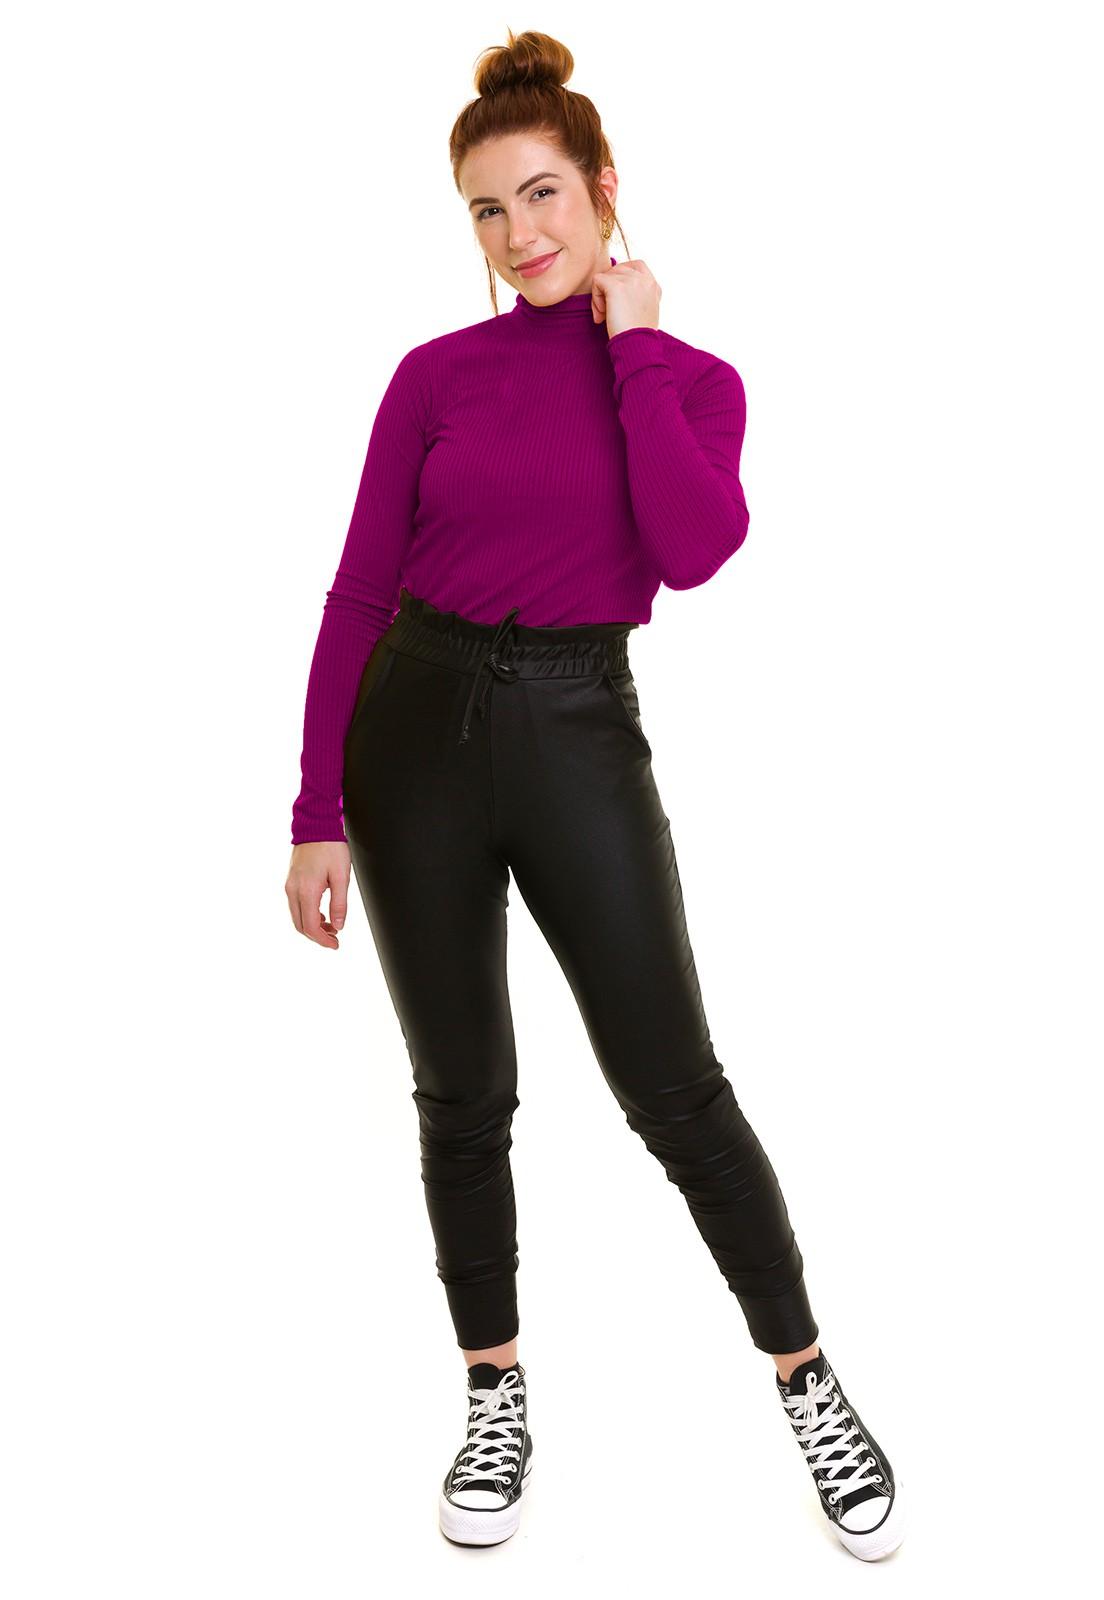 Blusa Gola Alta Canelada Púrpura